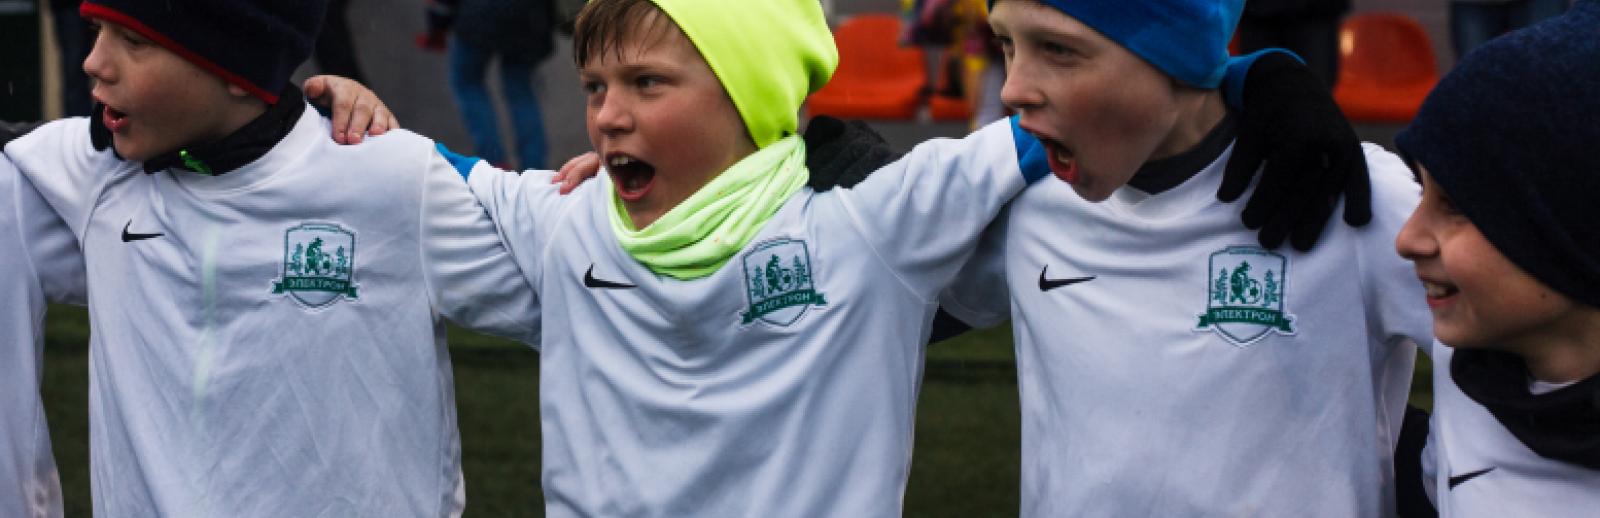 Команды школы «Электрон» с побед стартовали в Первенстве Ленобласти